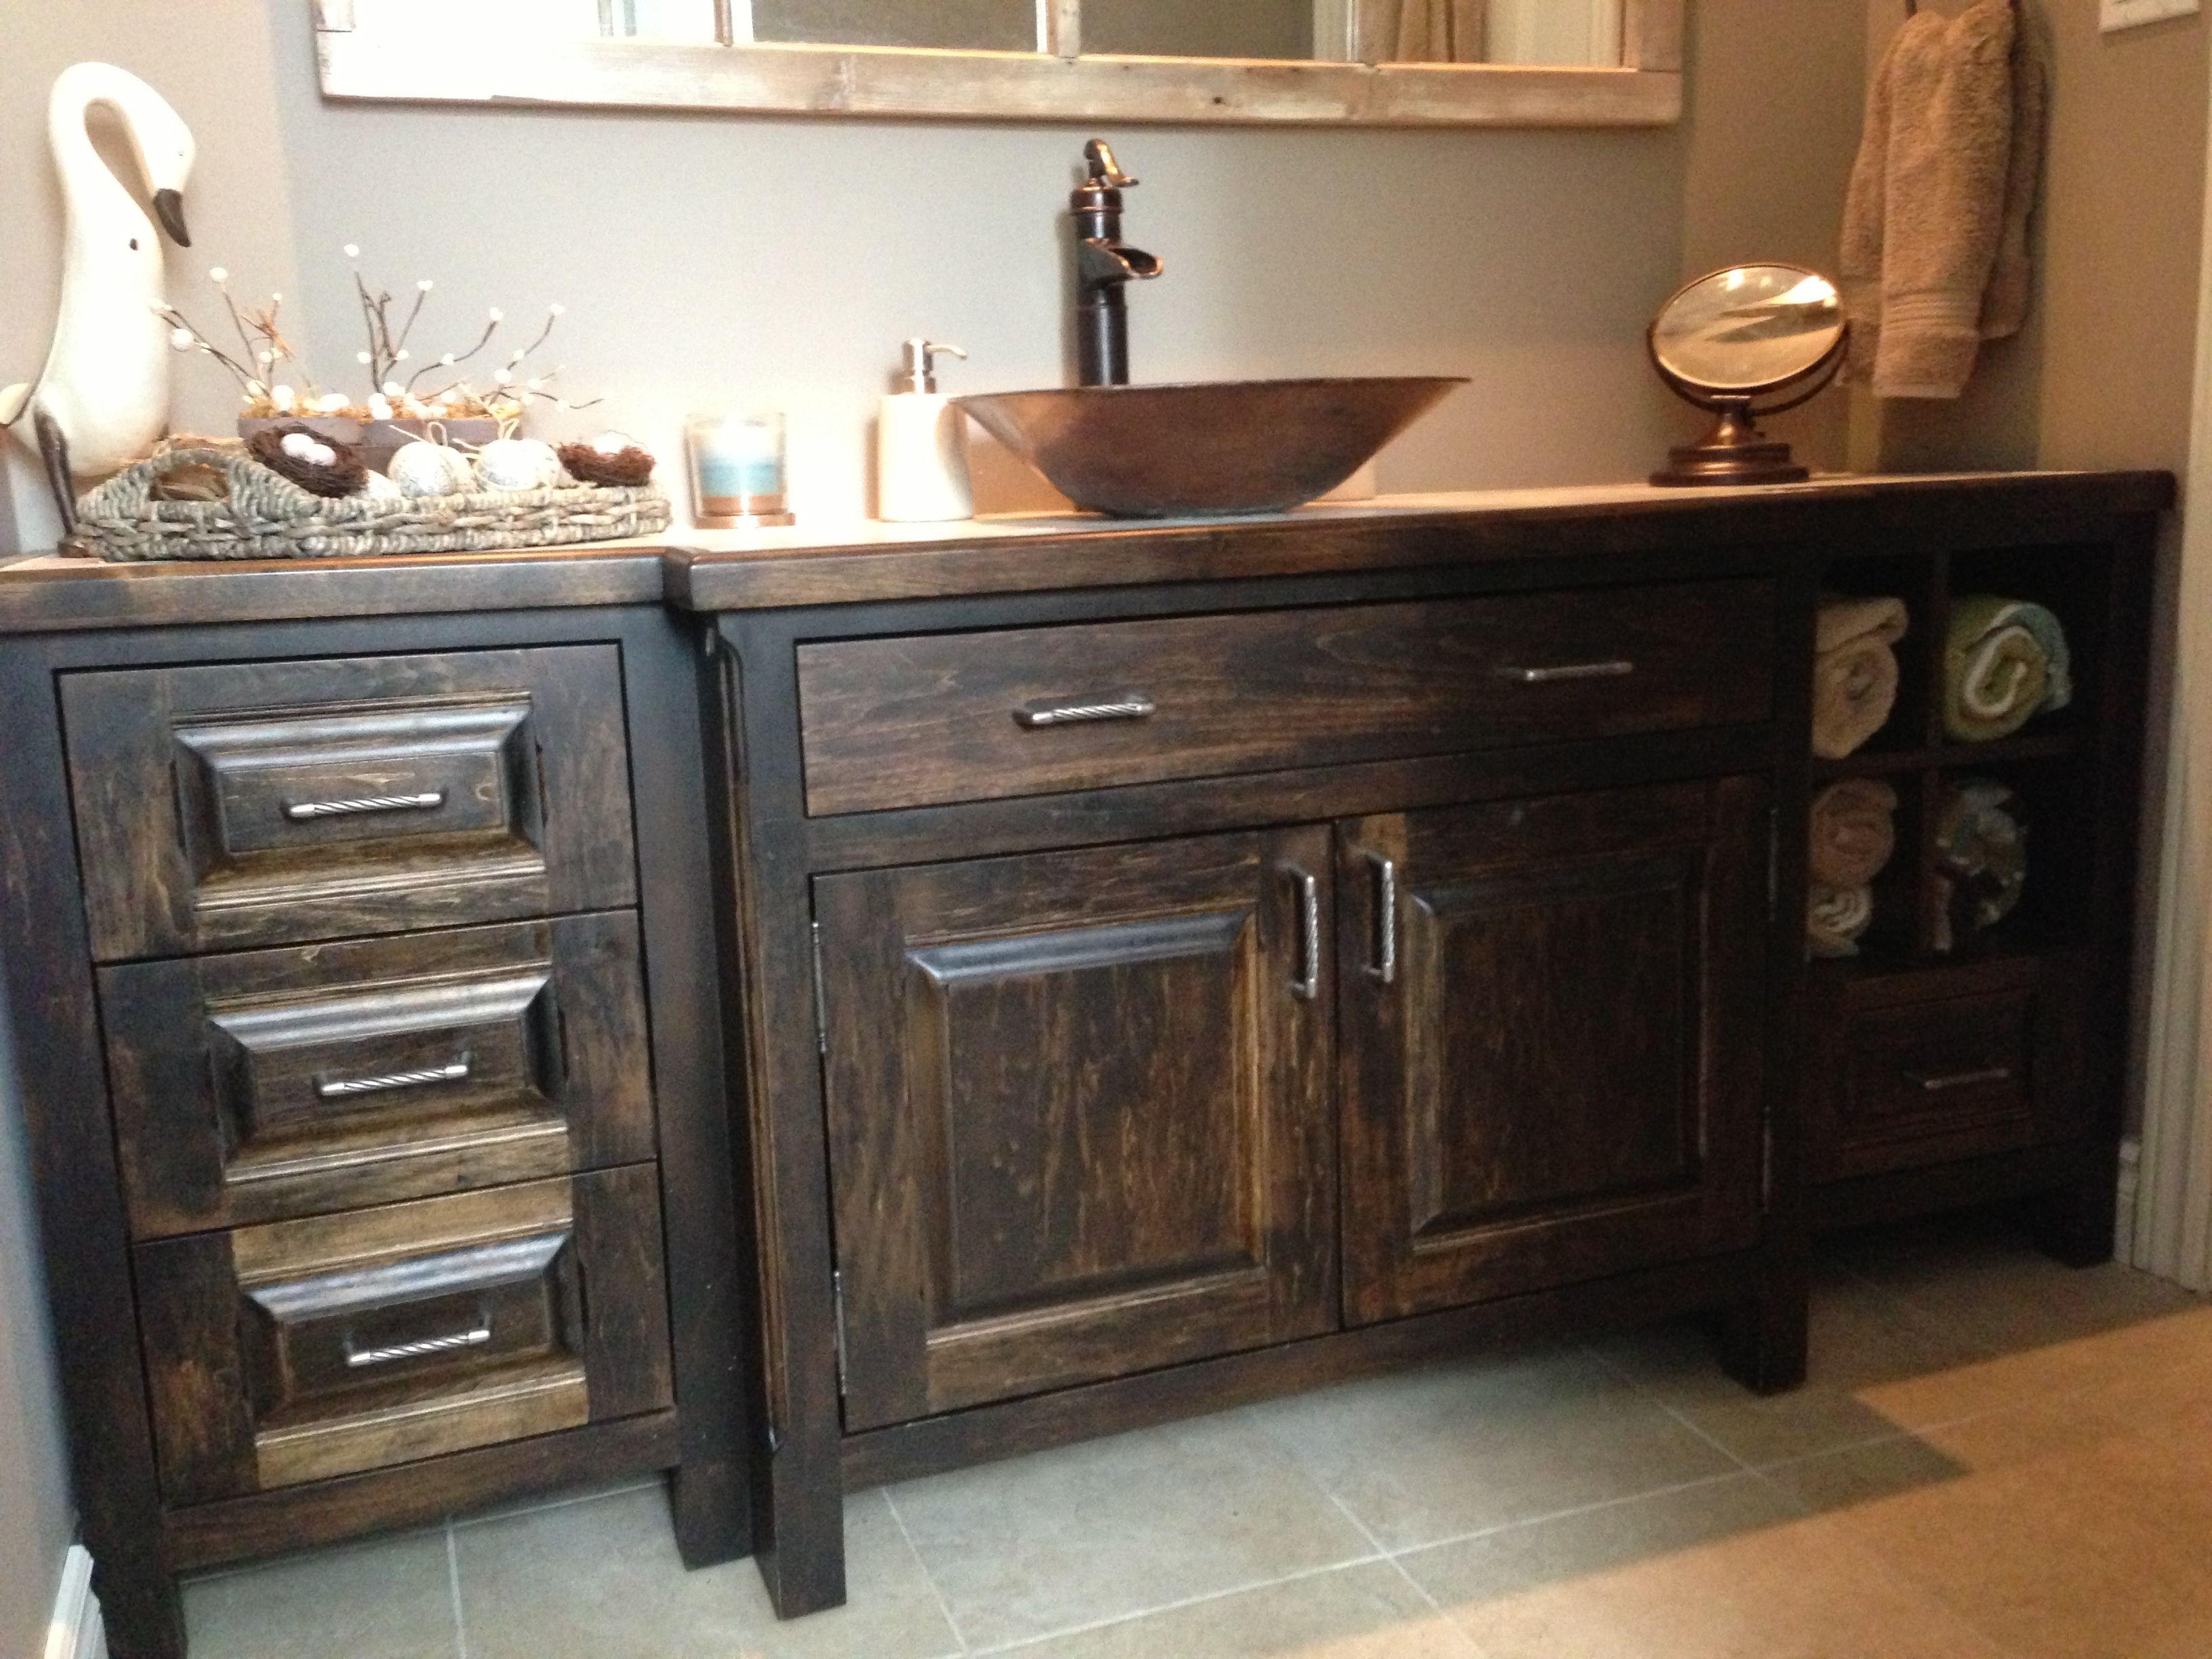 Salle de bain idee renovation - Idee renovation meuble ...